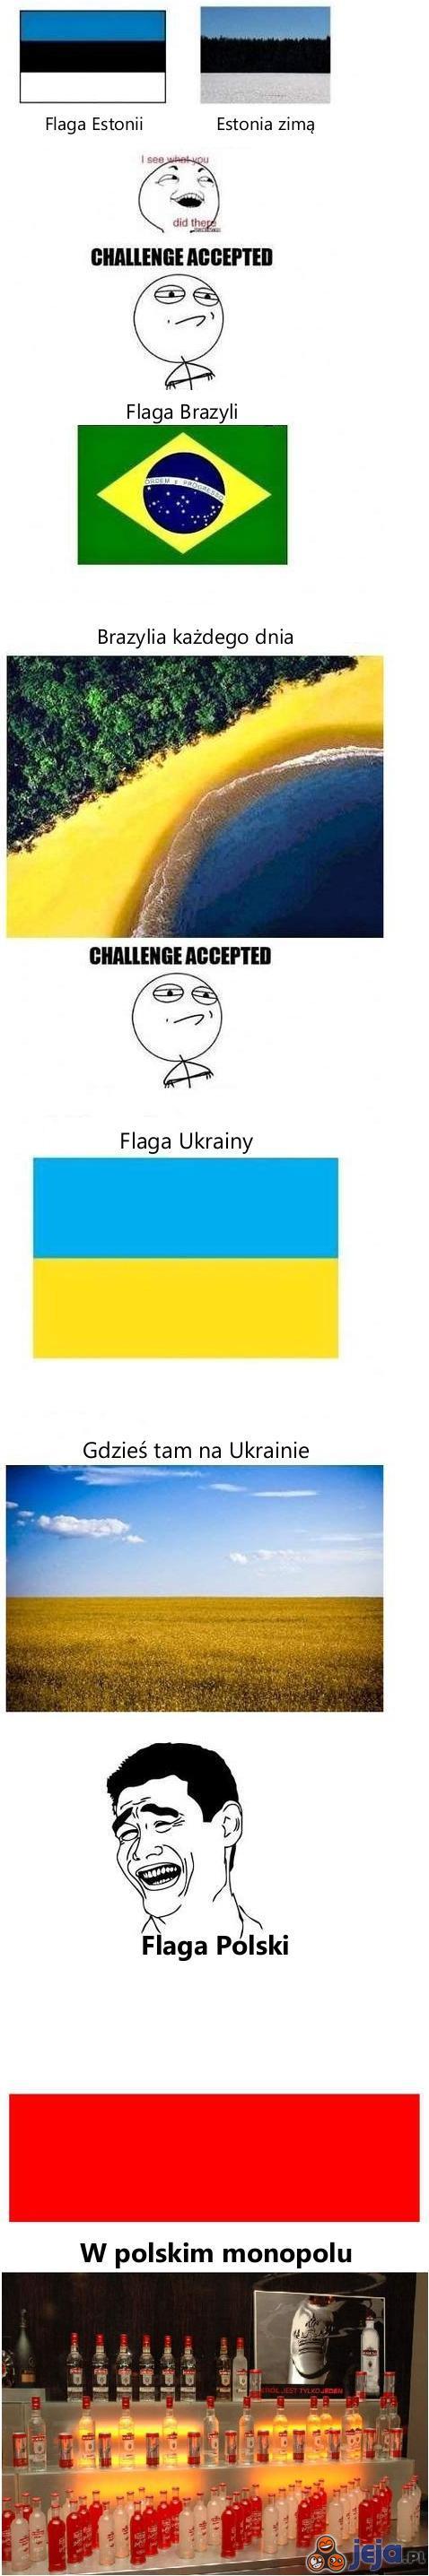 Flagi i kraje